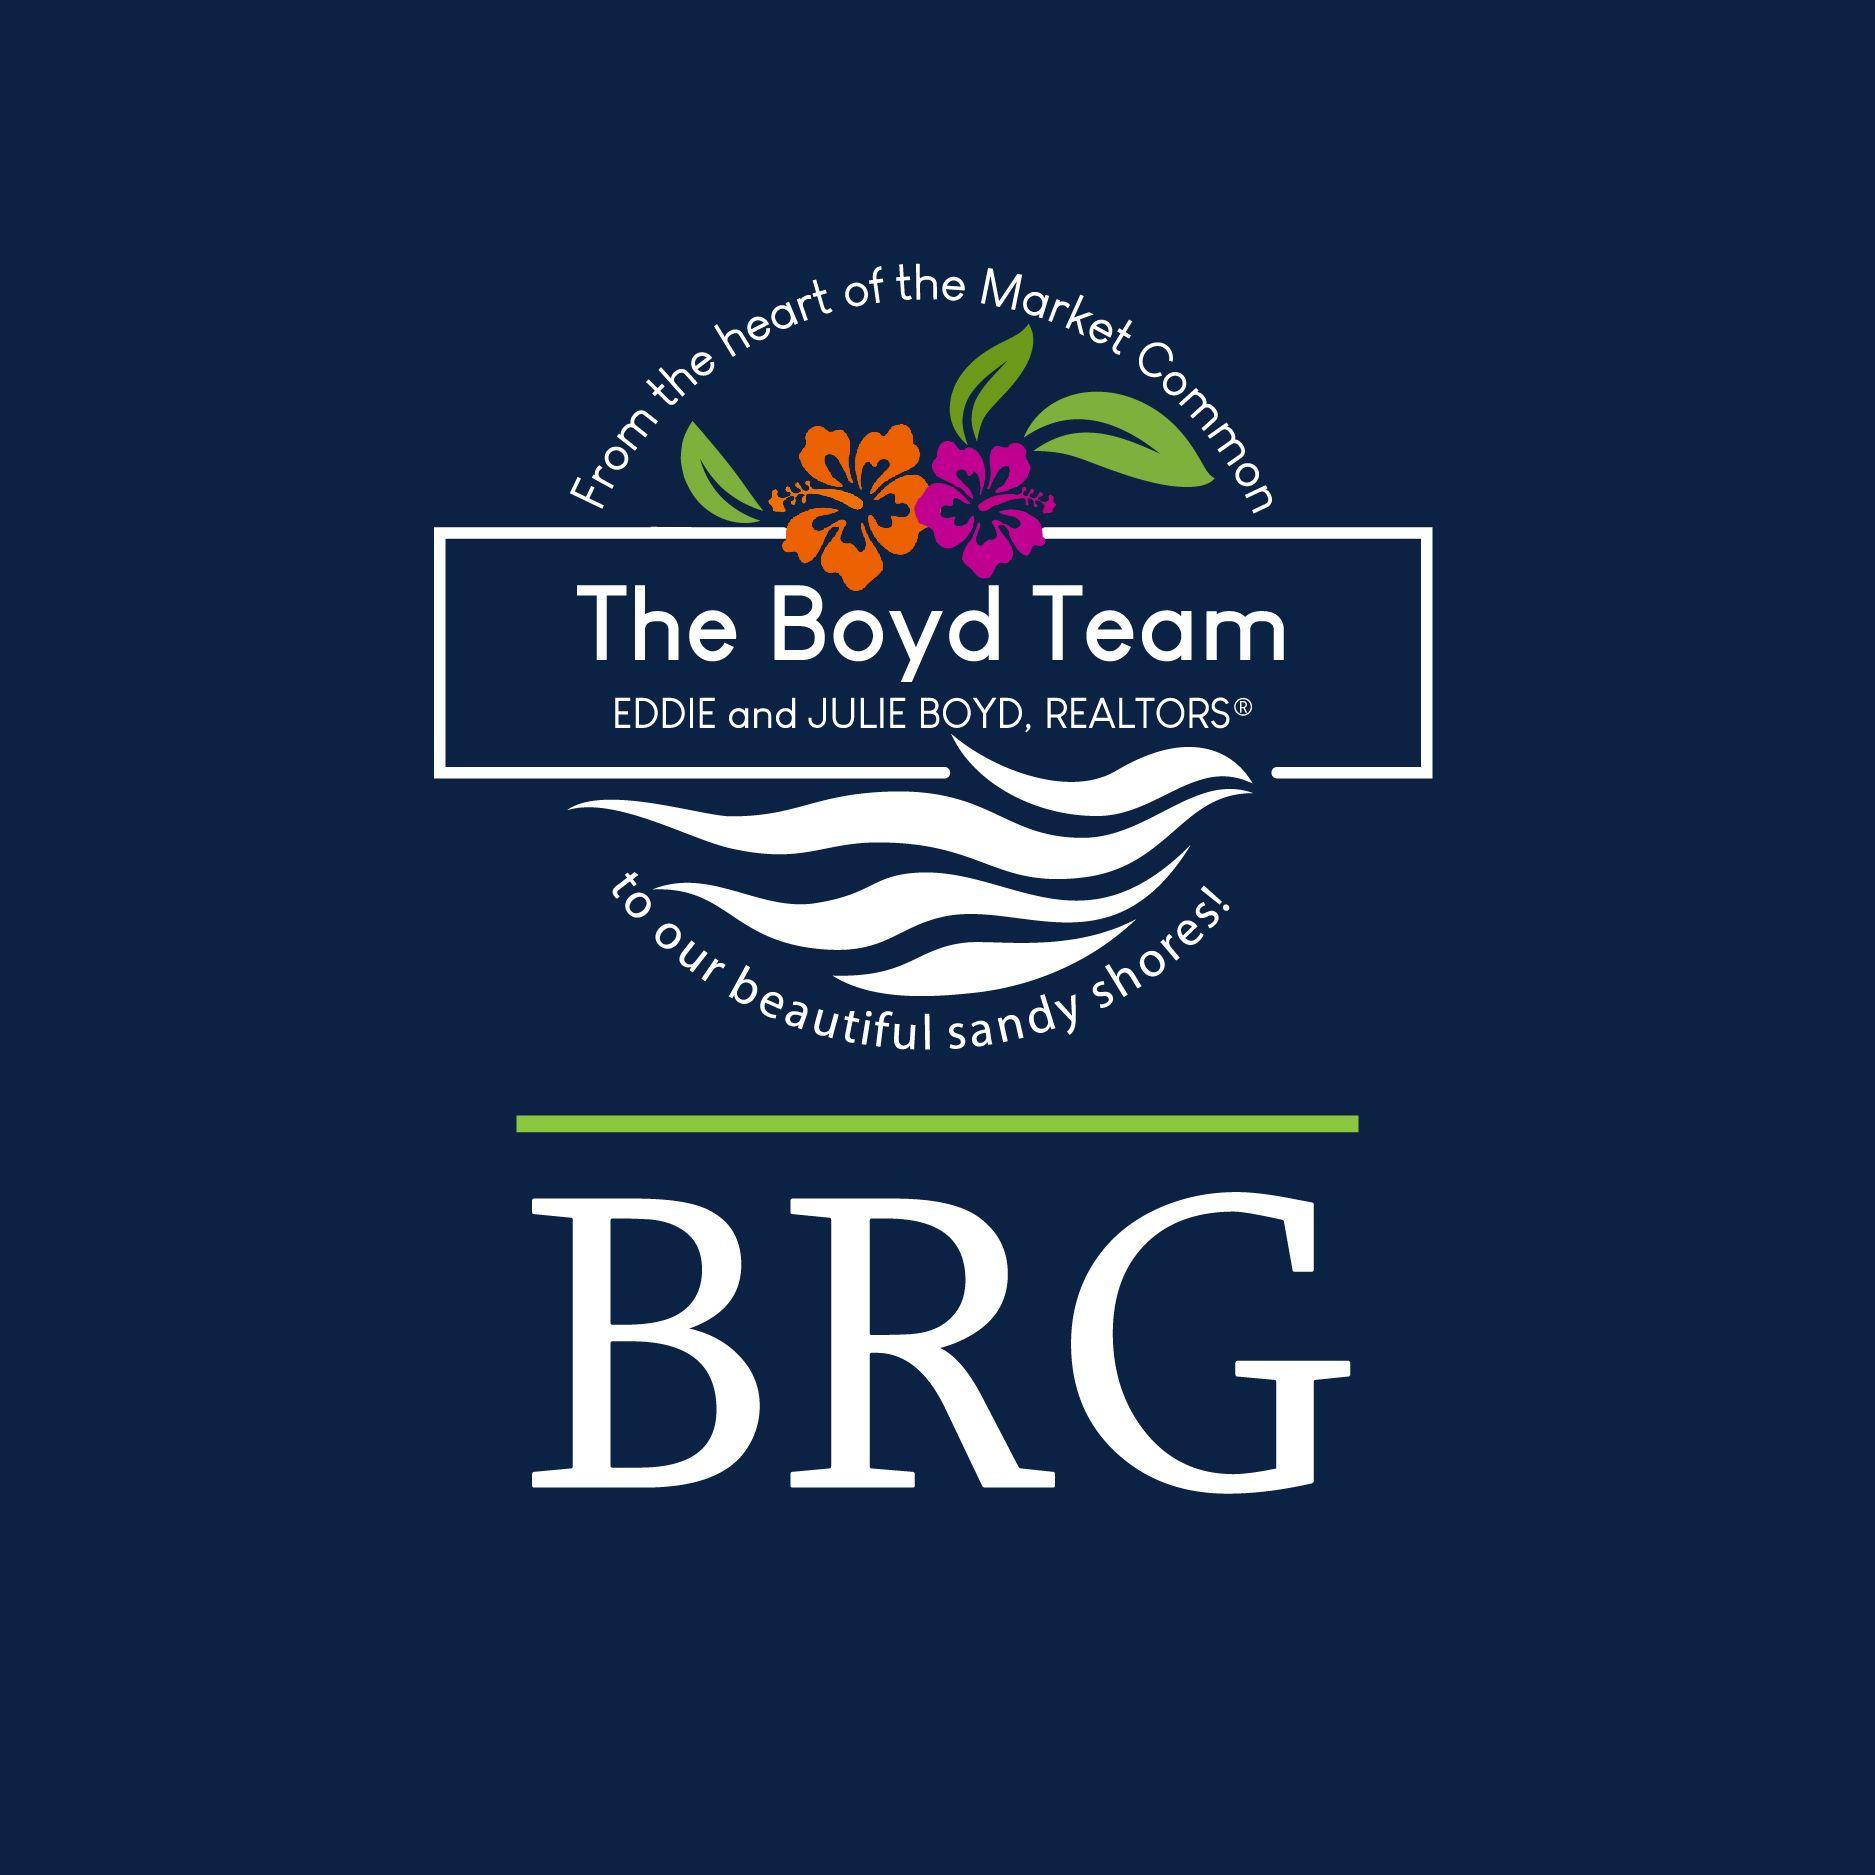 Https Search Boydteam Com In 2020 North Myrtle Beach Myrtle